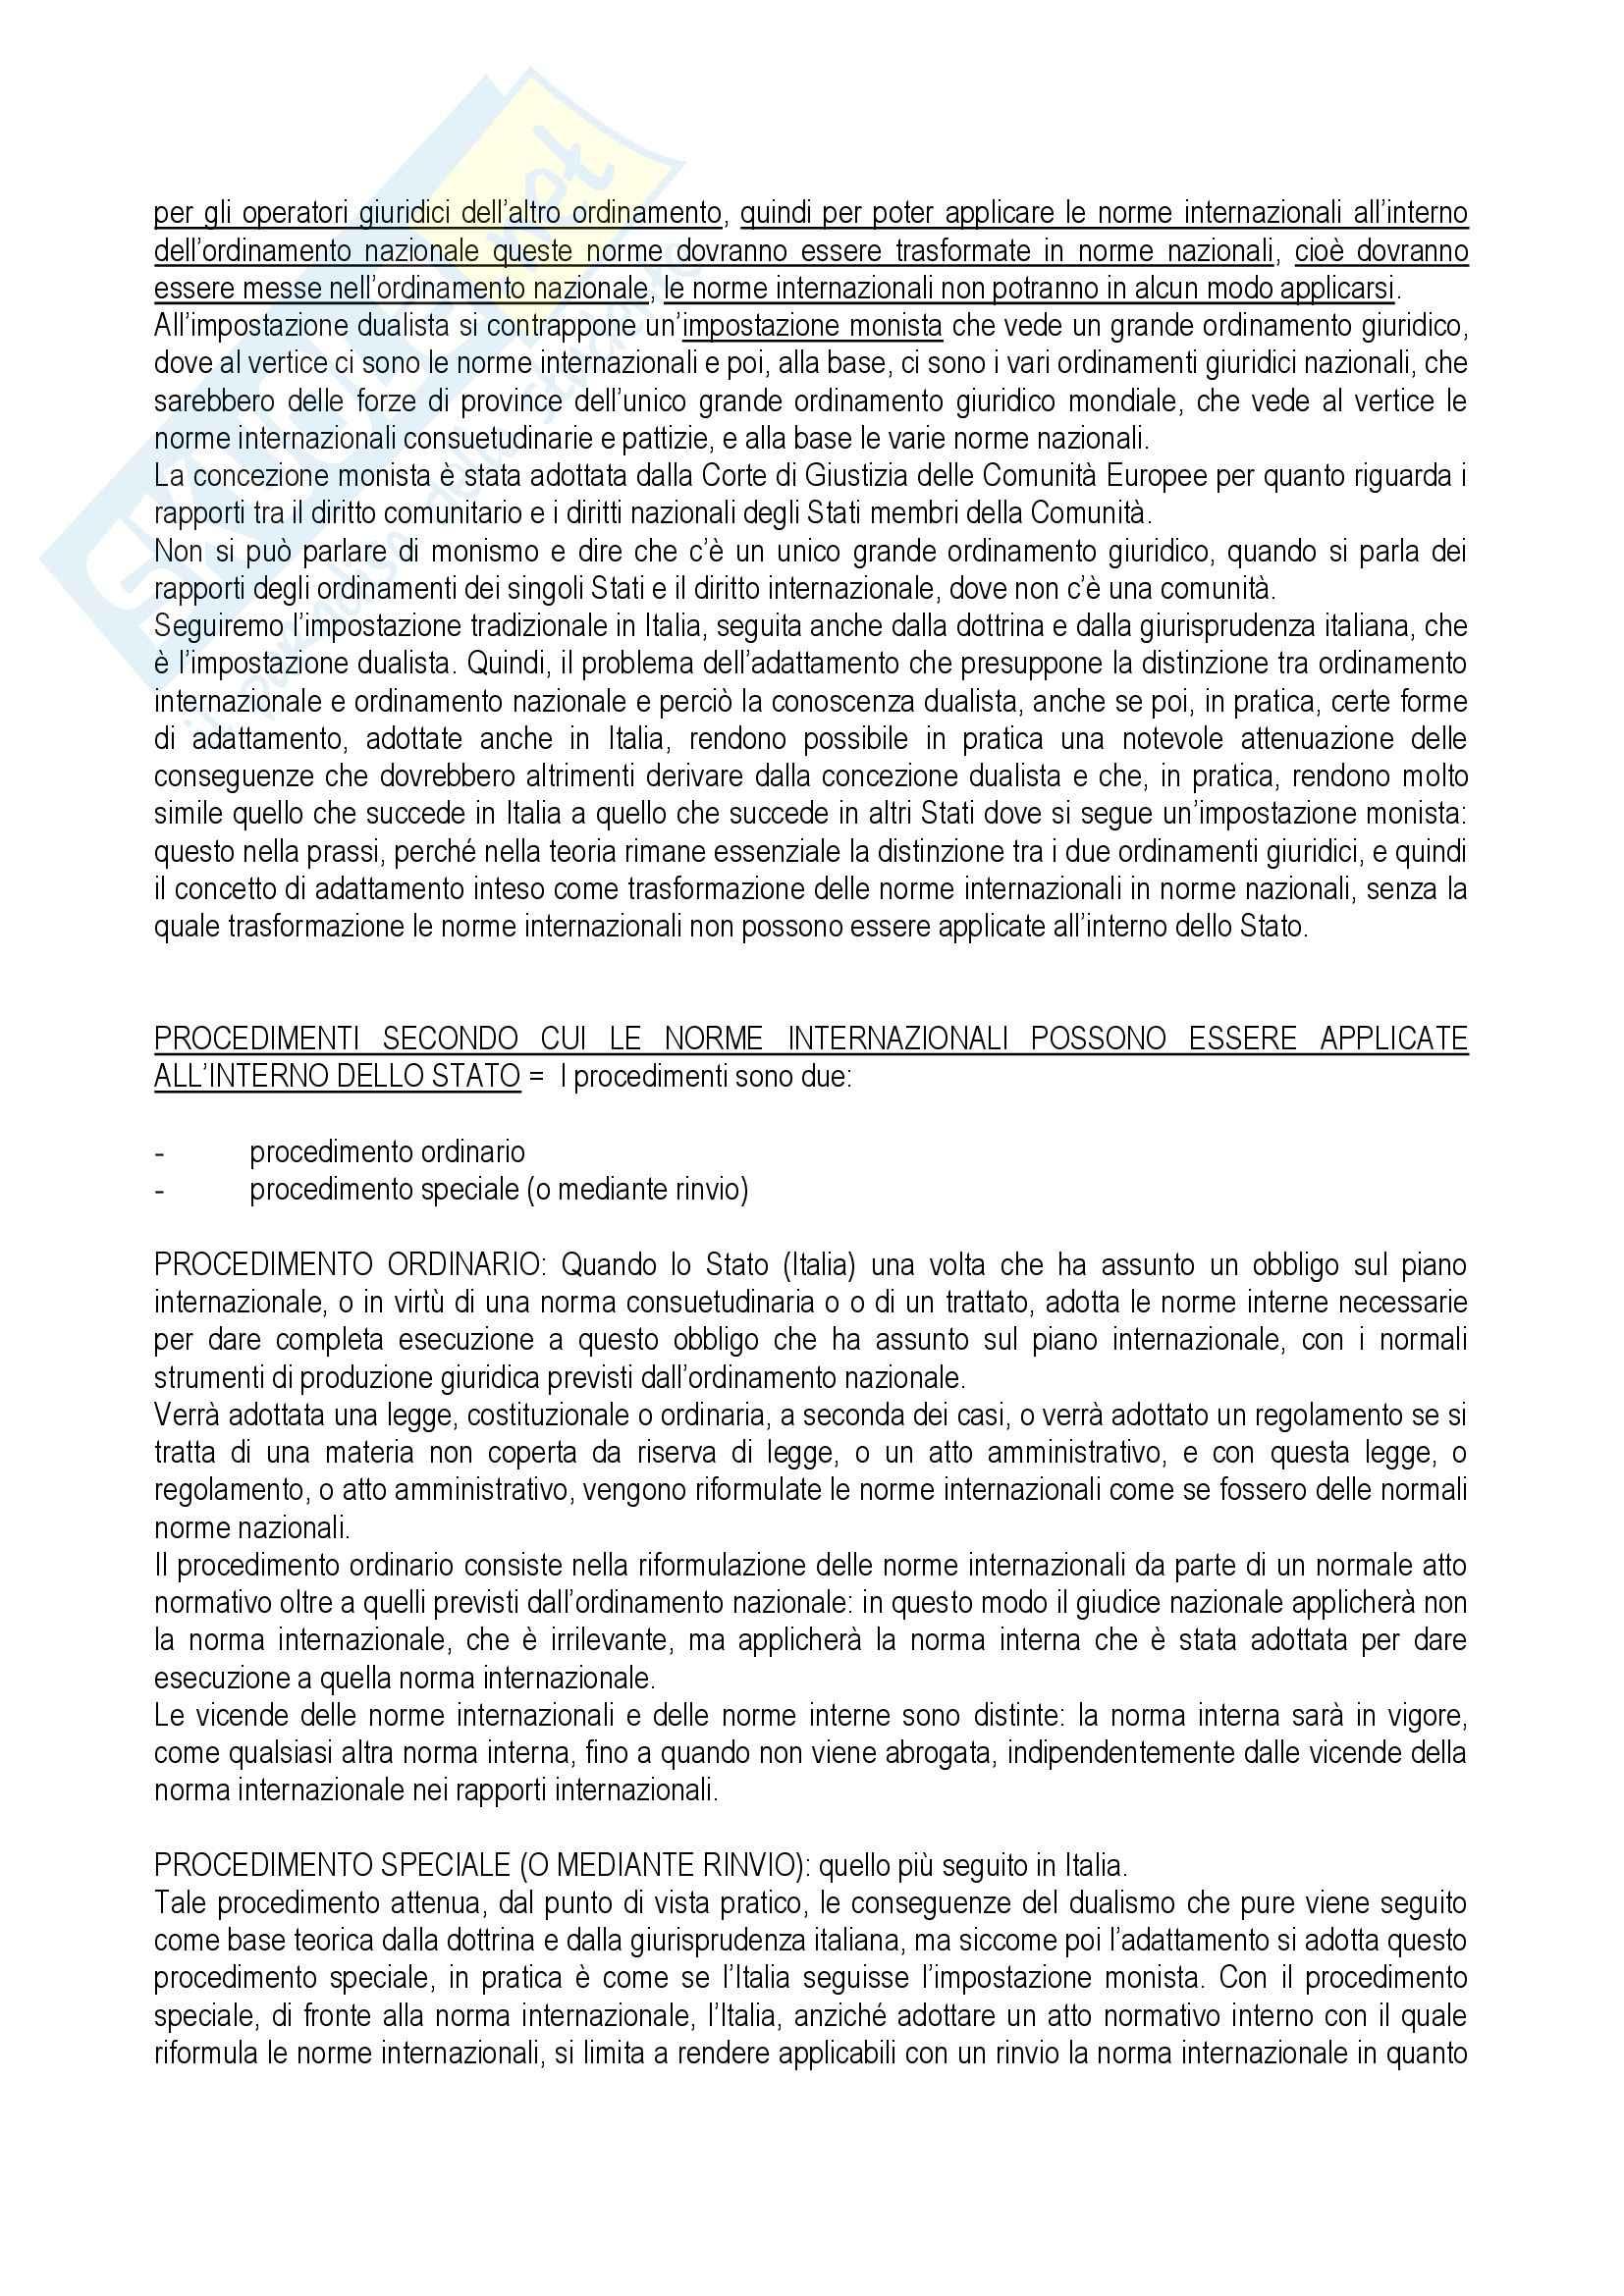 Diritto internazionale - adattamento del diritto interno al diritto internazionale Pag. 2